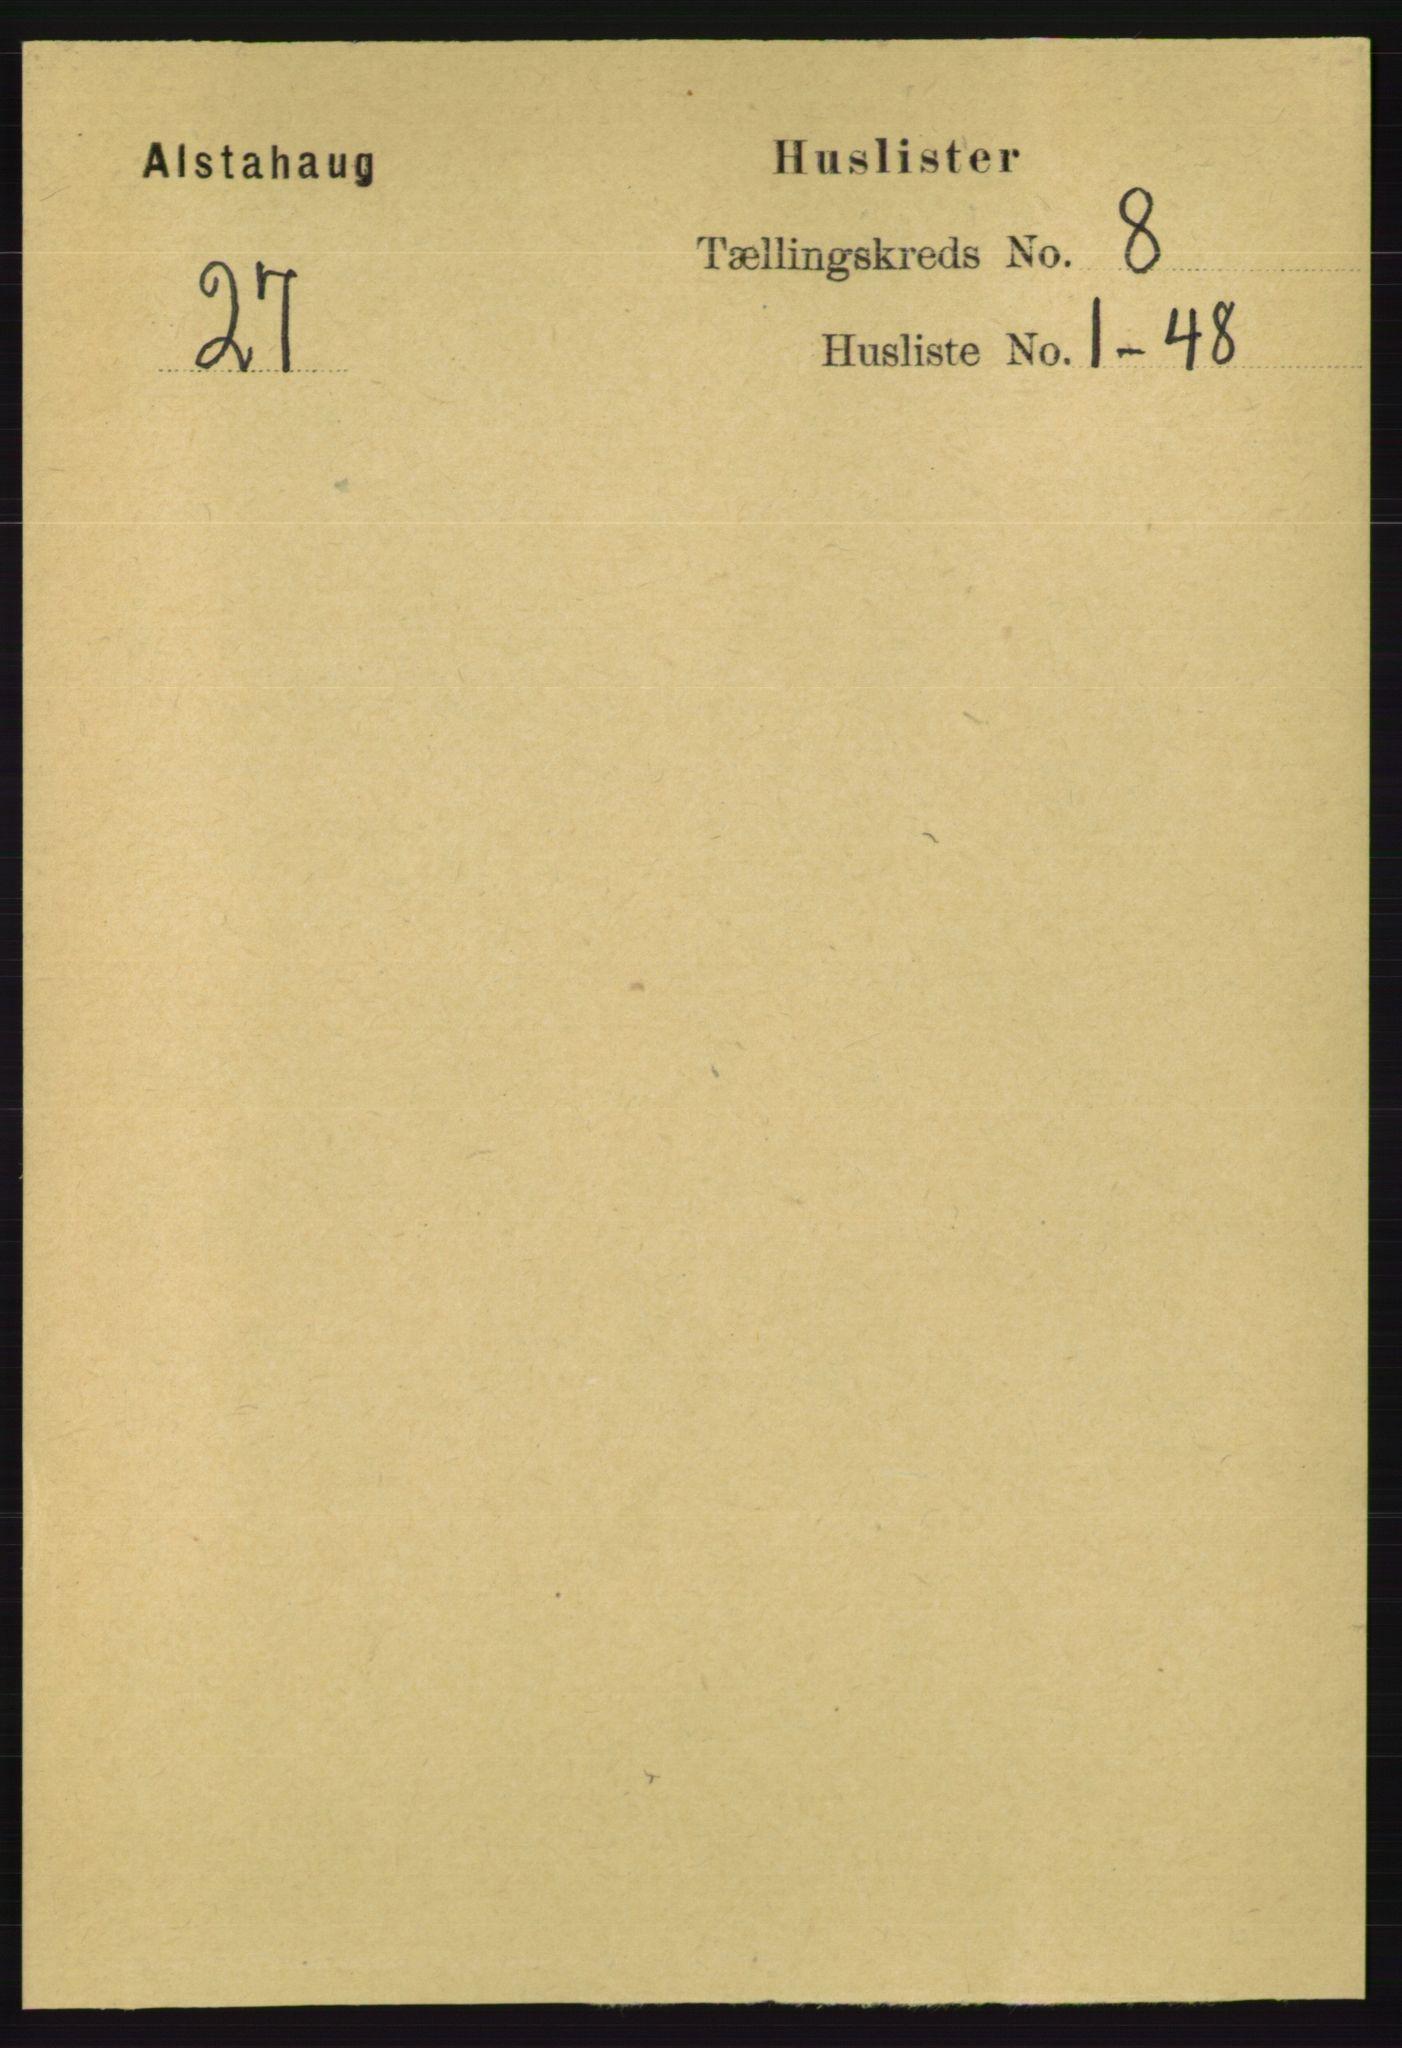 RA, Folketelling 1891 for 1820 Alstahaug herred, 1891, s. 2854